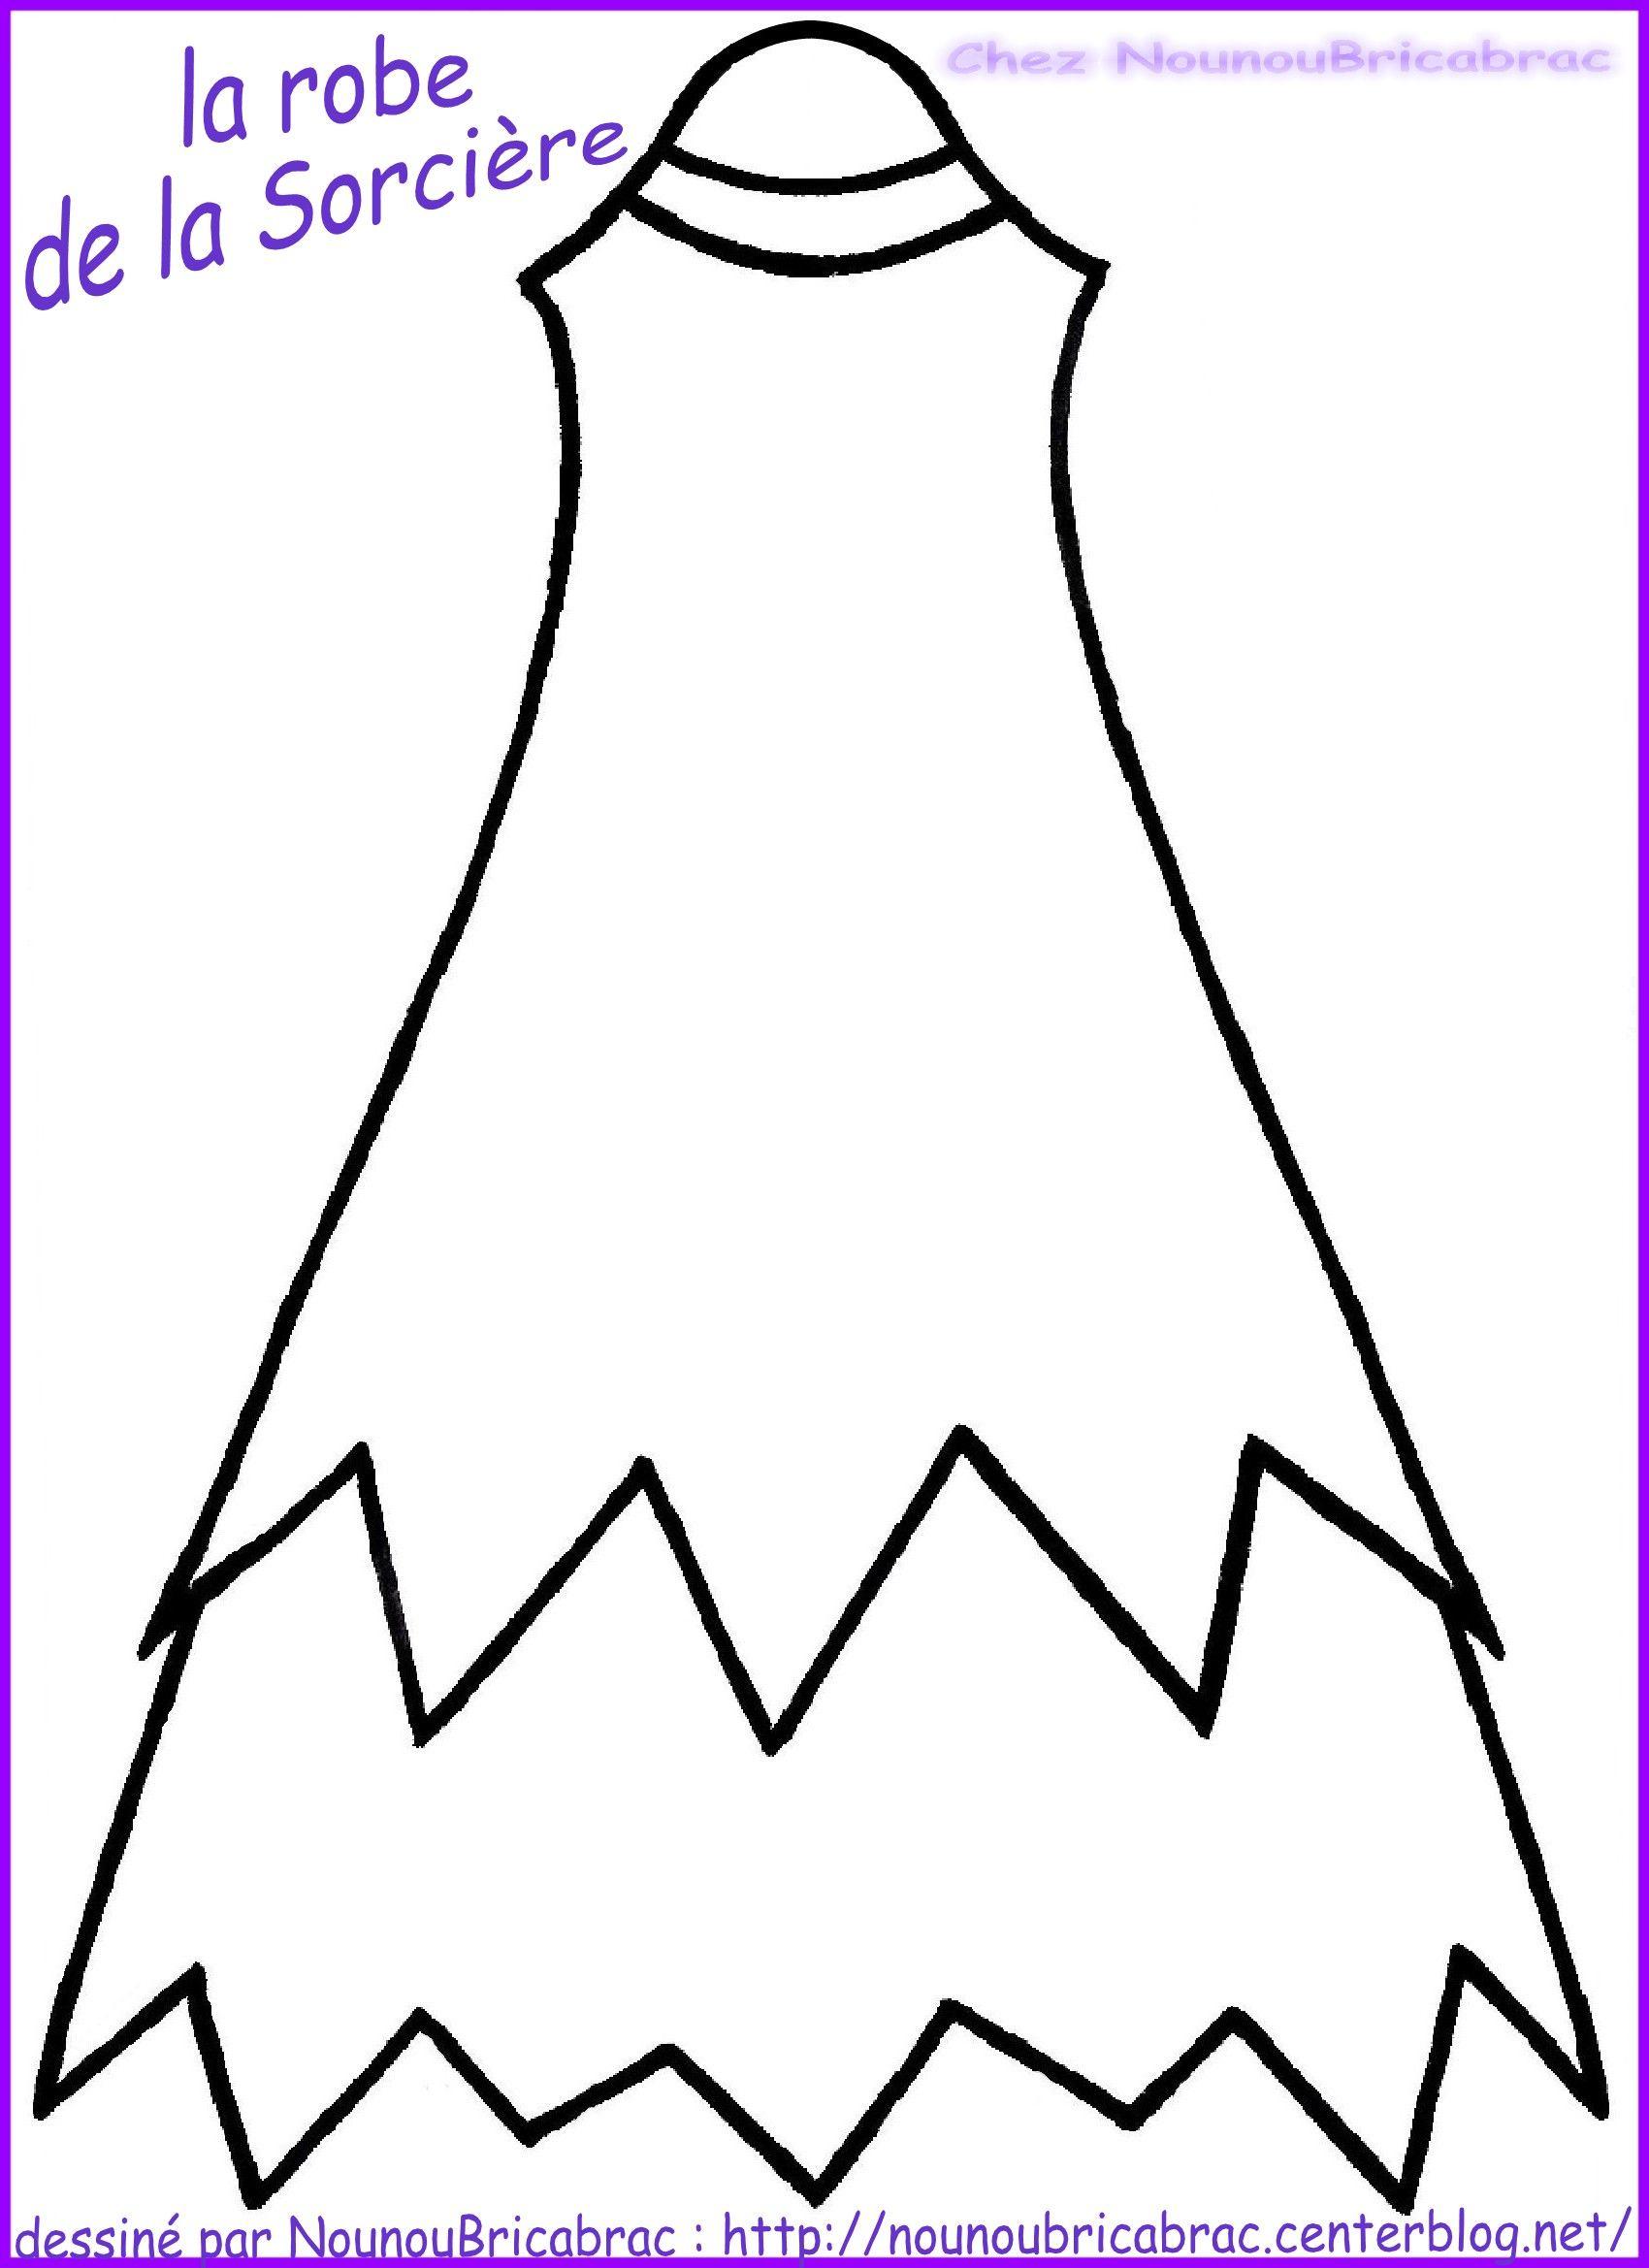 Marionnette : Sorcière d'Halloween... La Robe réalisée par Nounoubricabrac